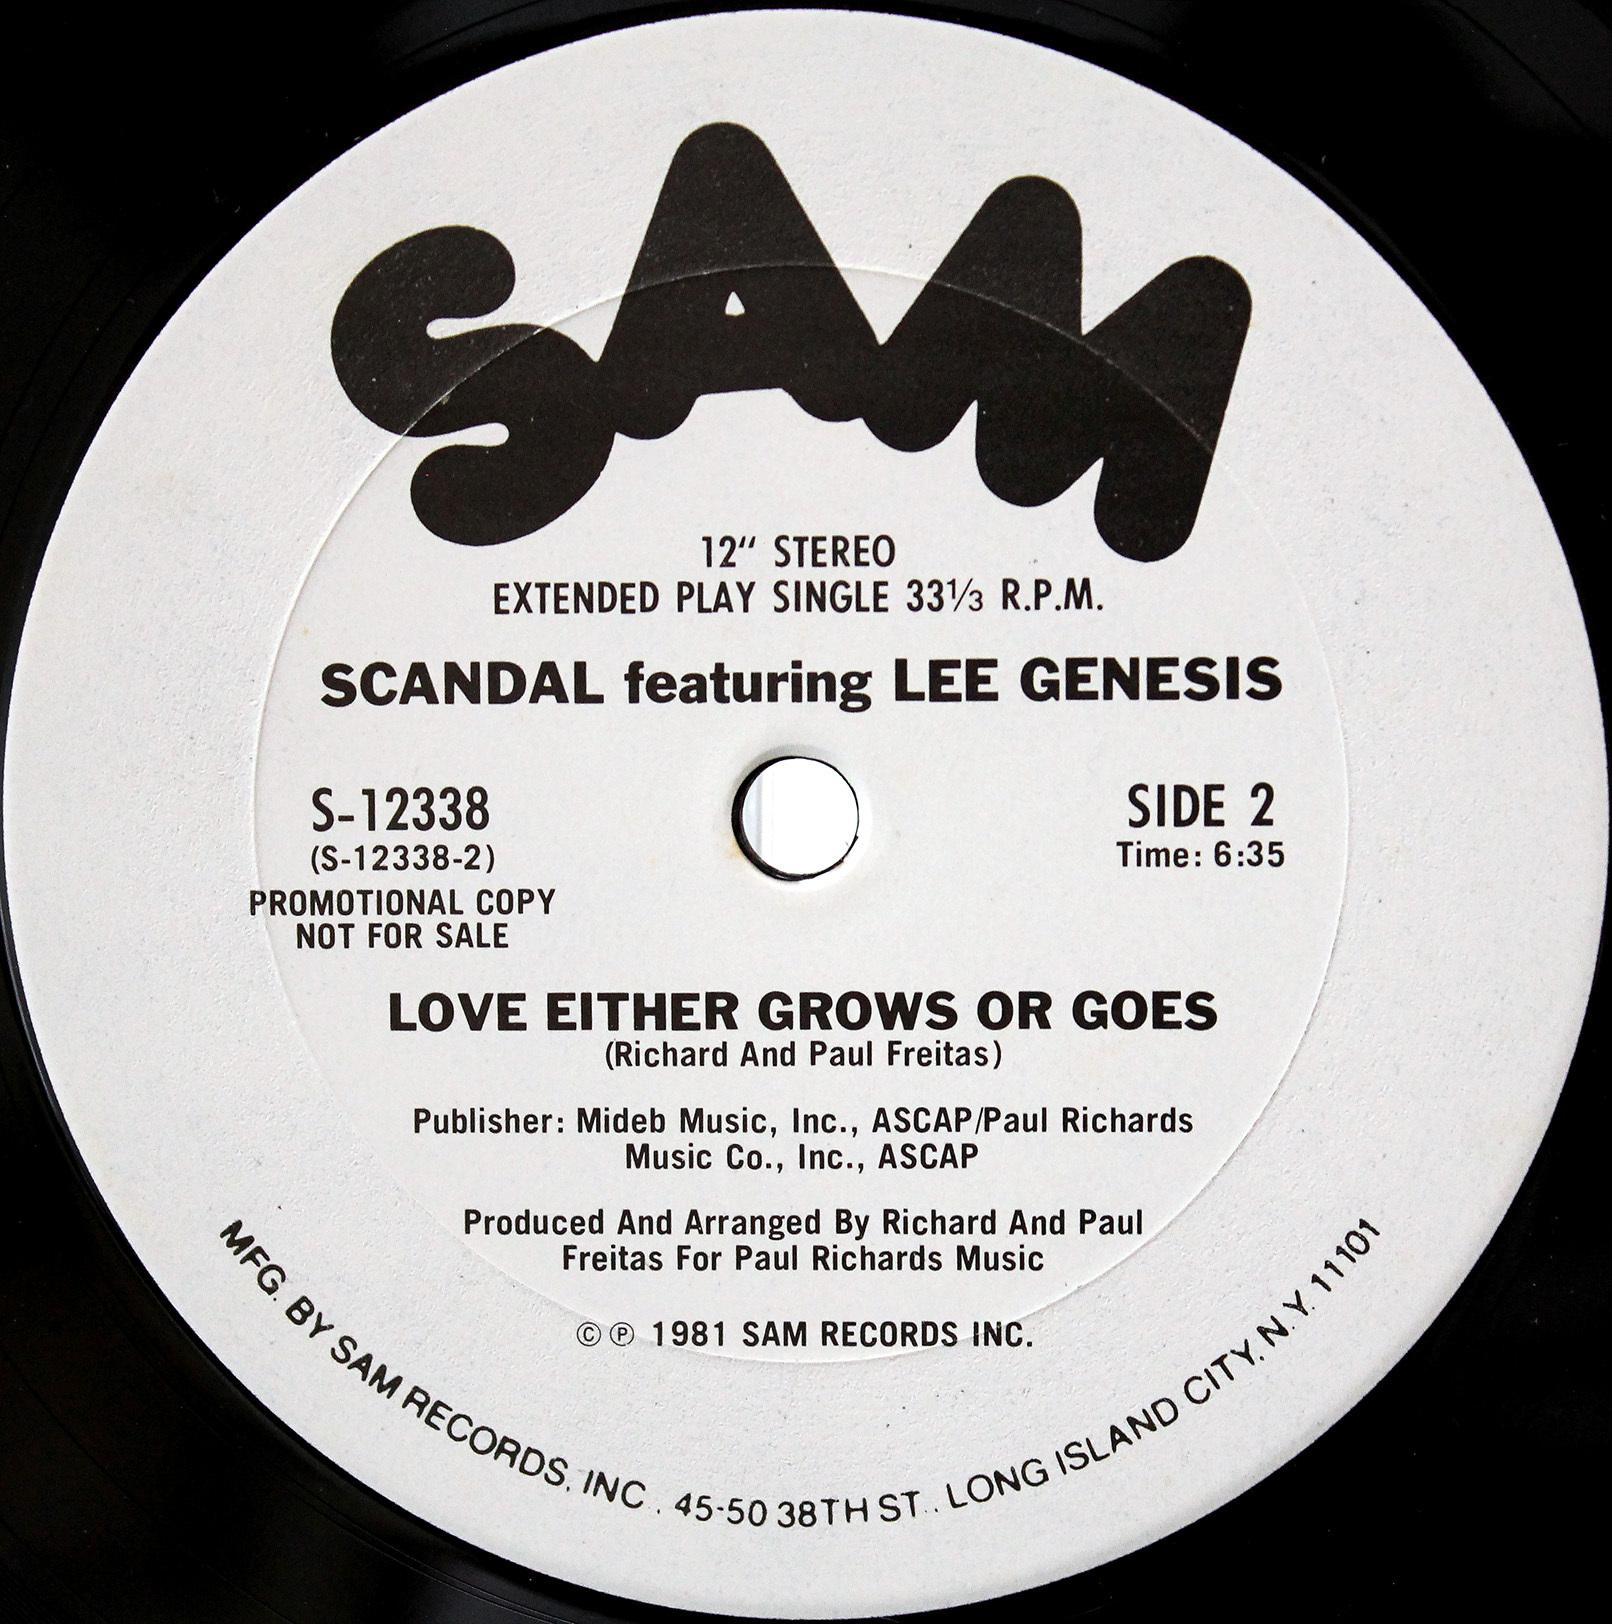 Scandal Featuring Lee Genesis 04